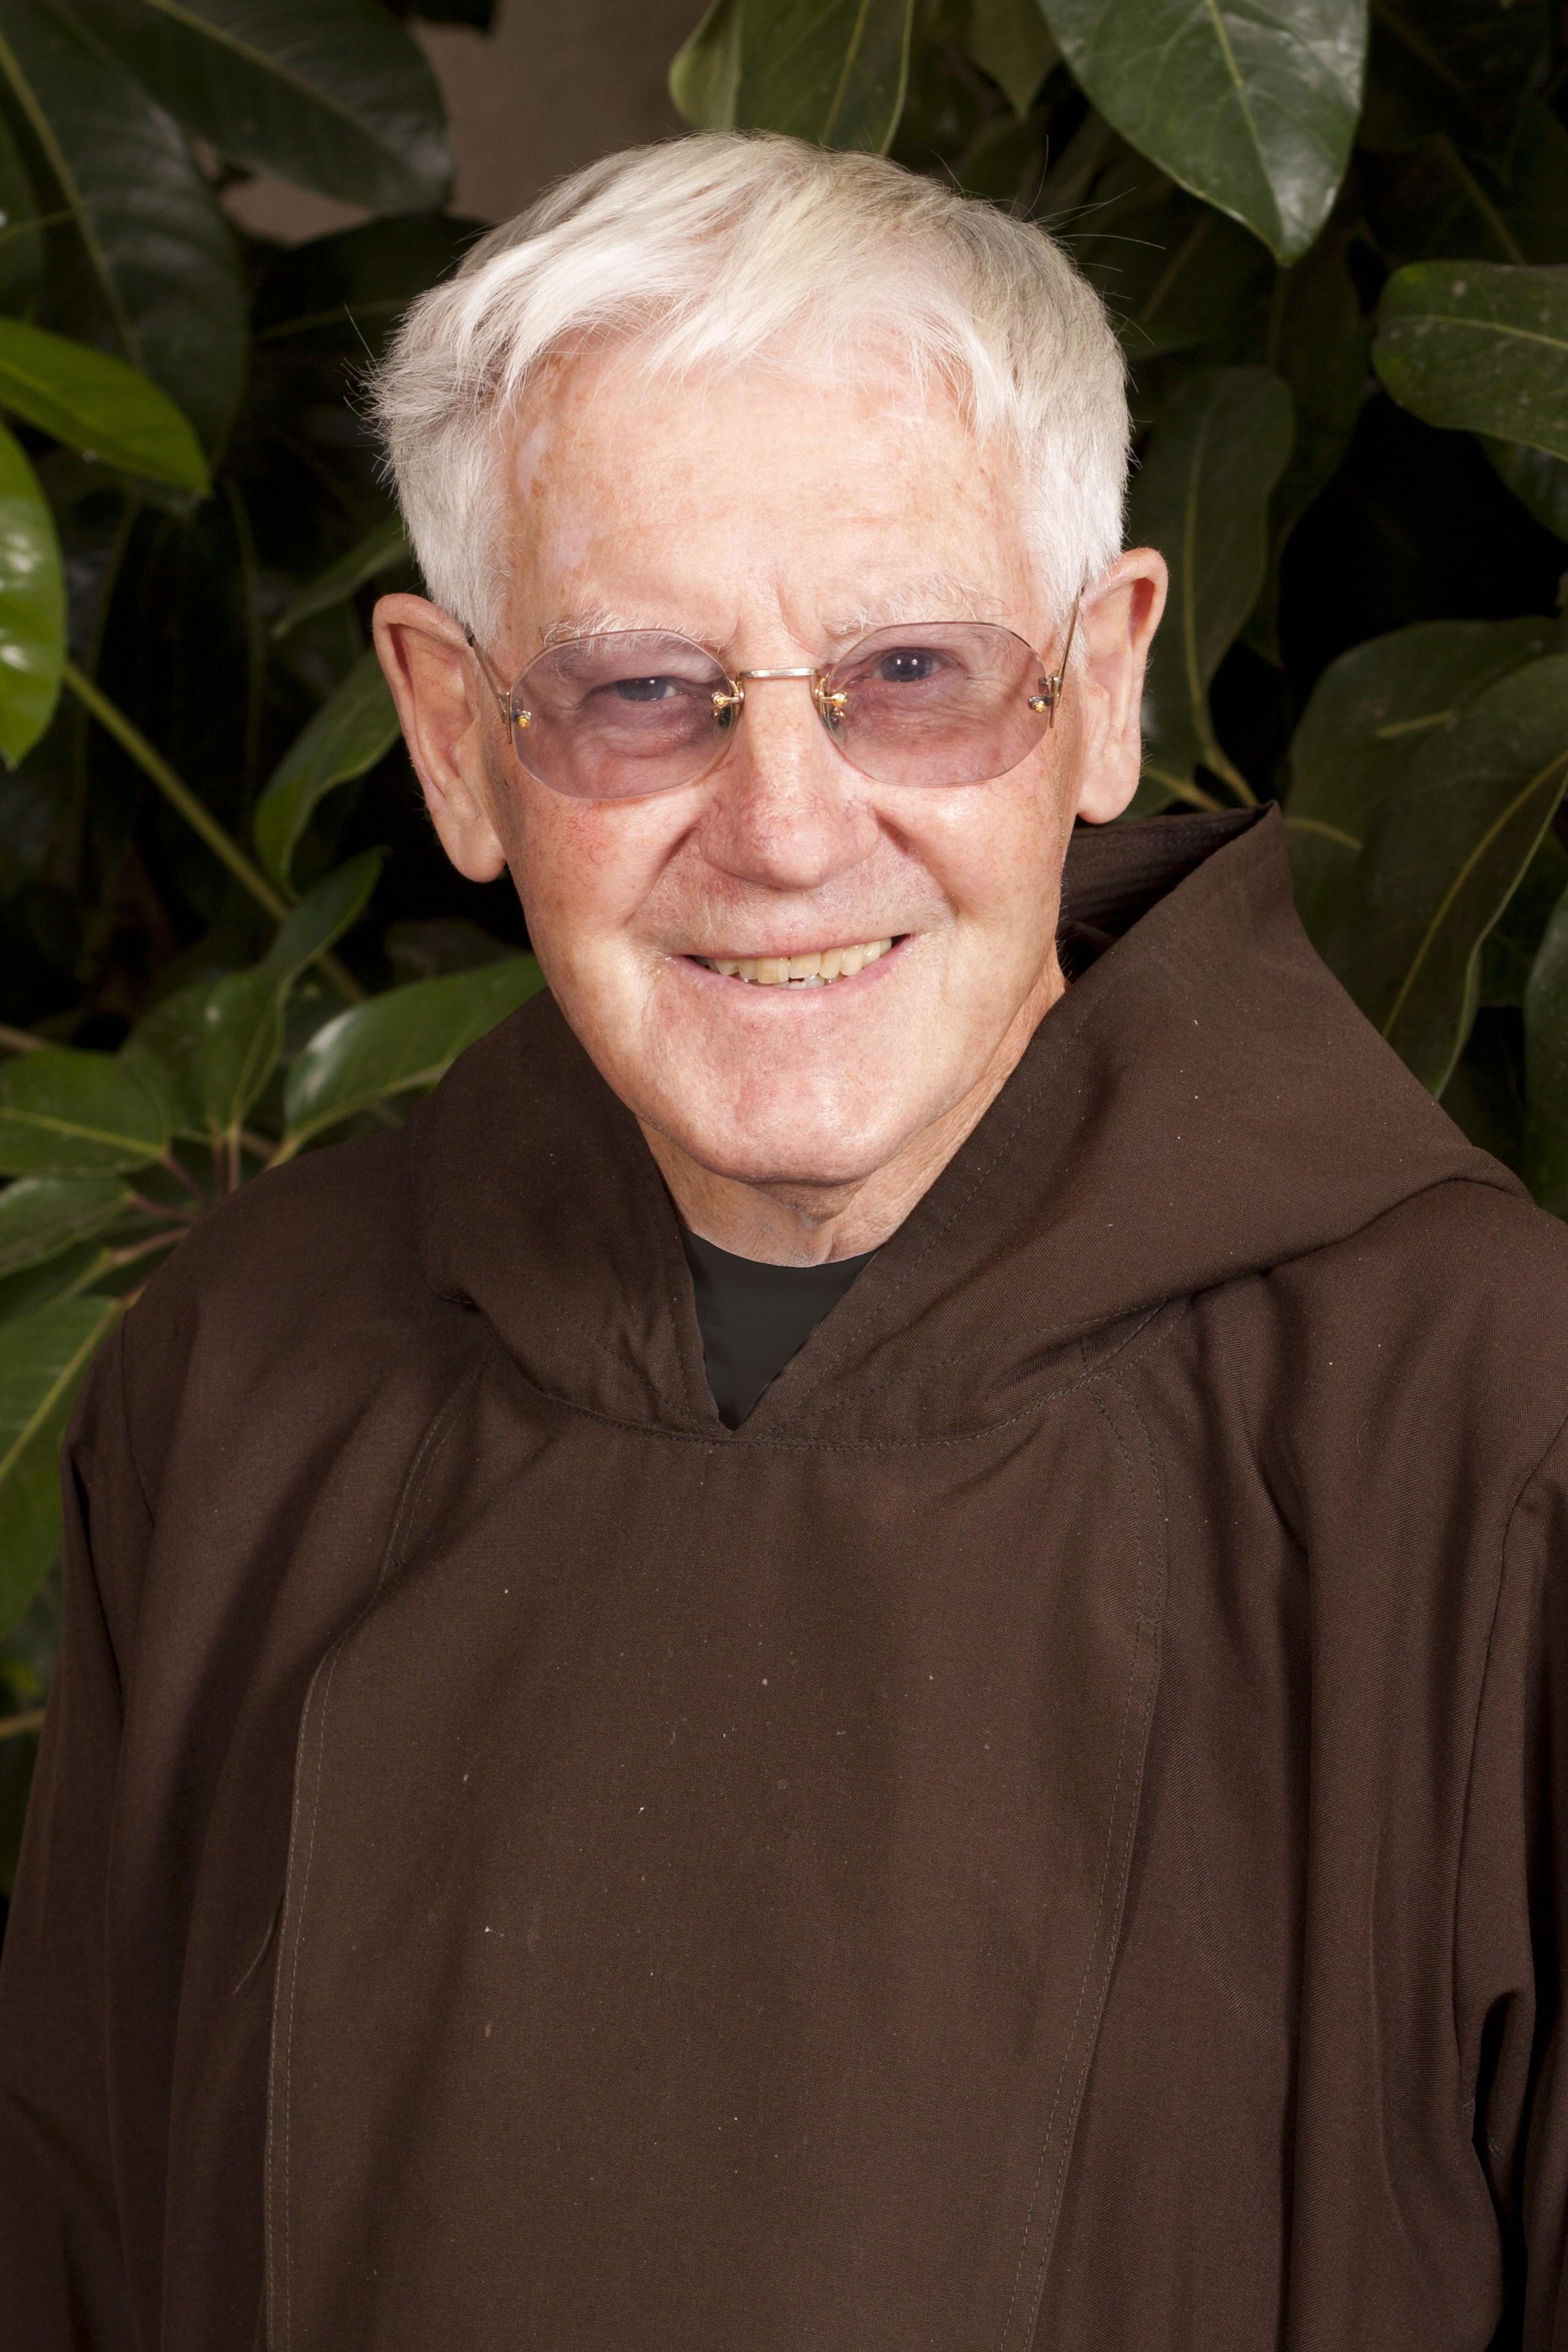 Meet the Friars – Meet the Friars – Capuchin Franciscans